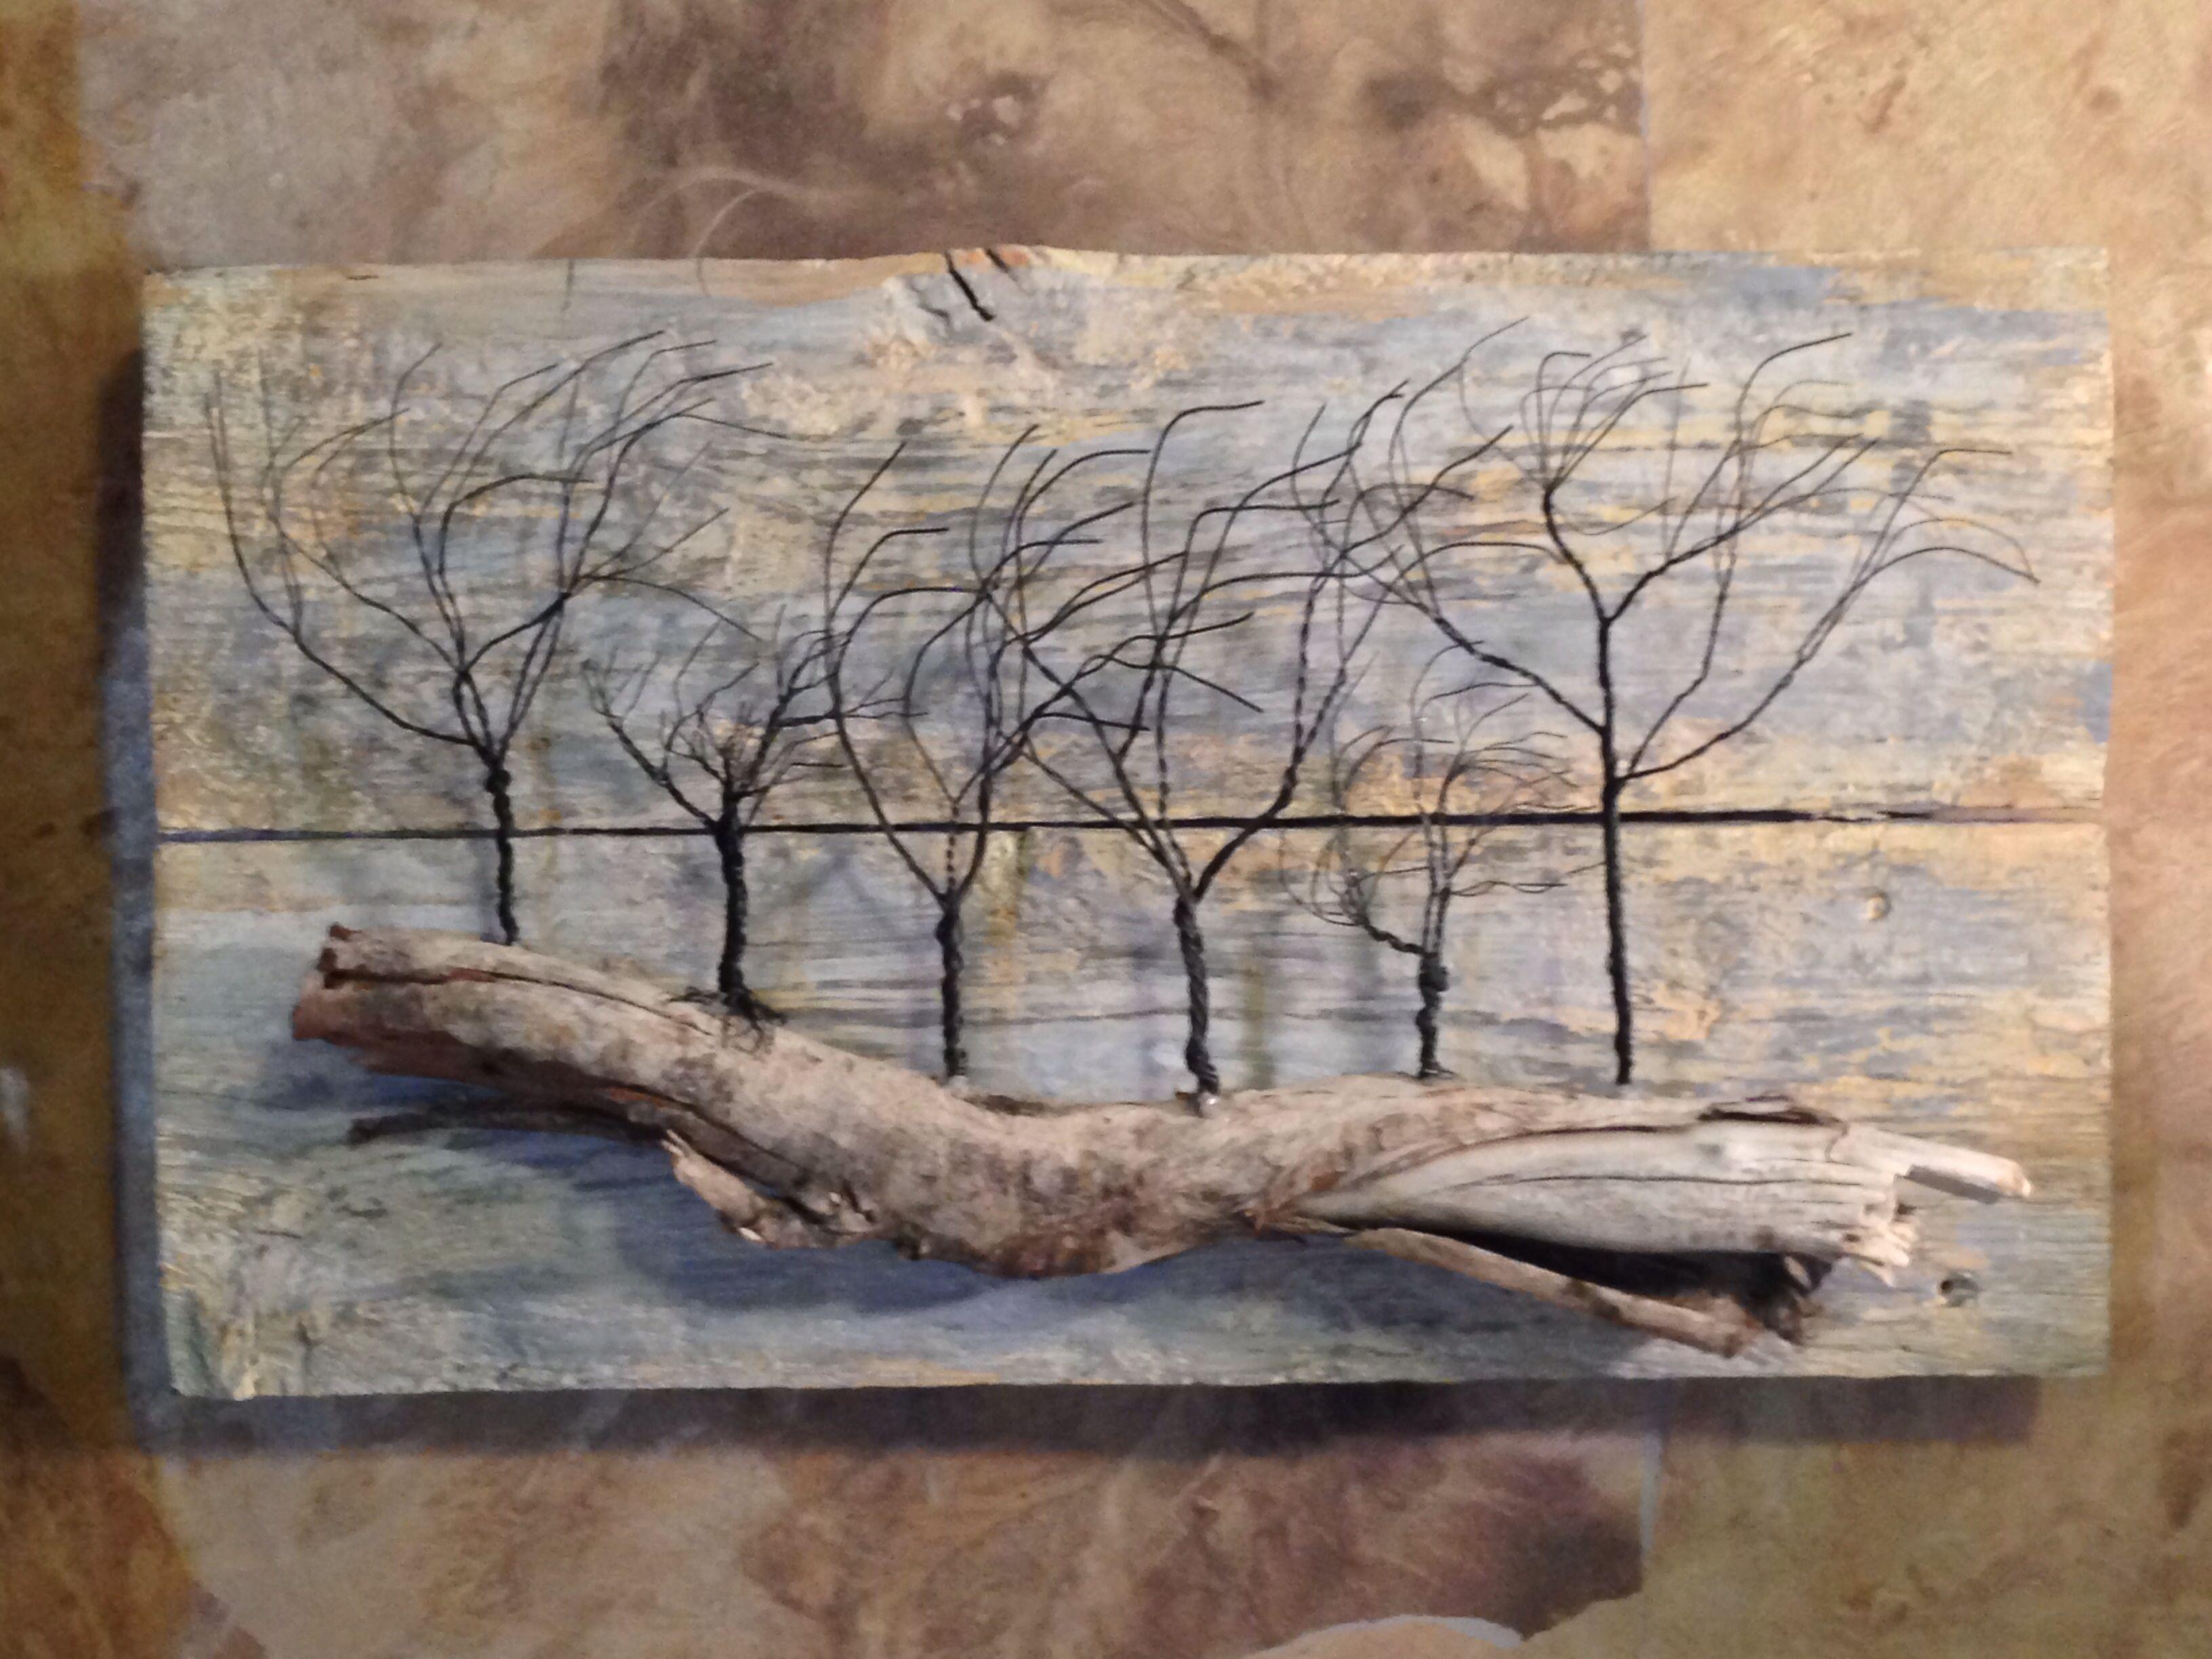 Pin von Teresa auf driftwood | Pinterest | Herbst, Treibholz und Holz